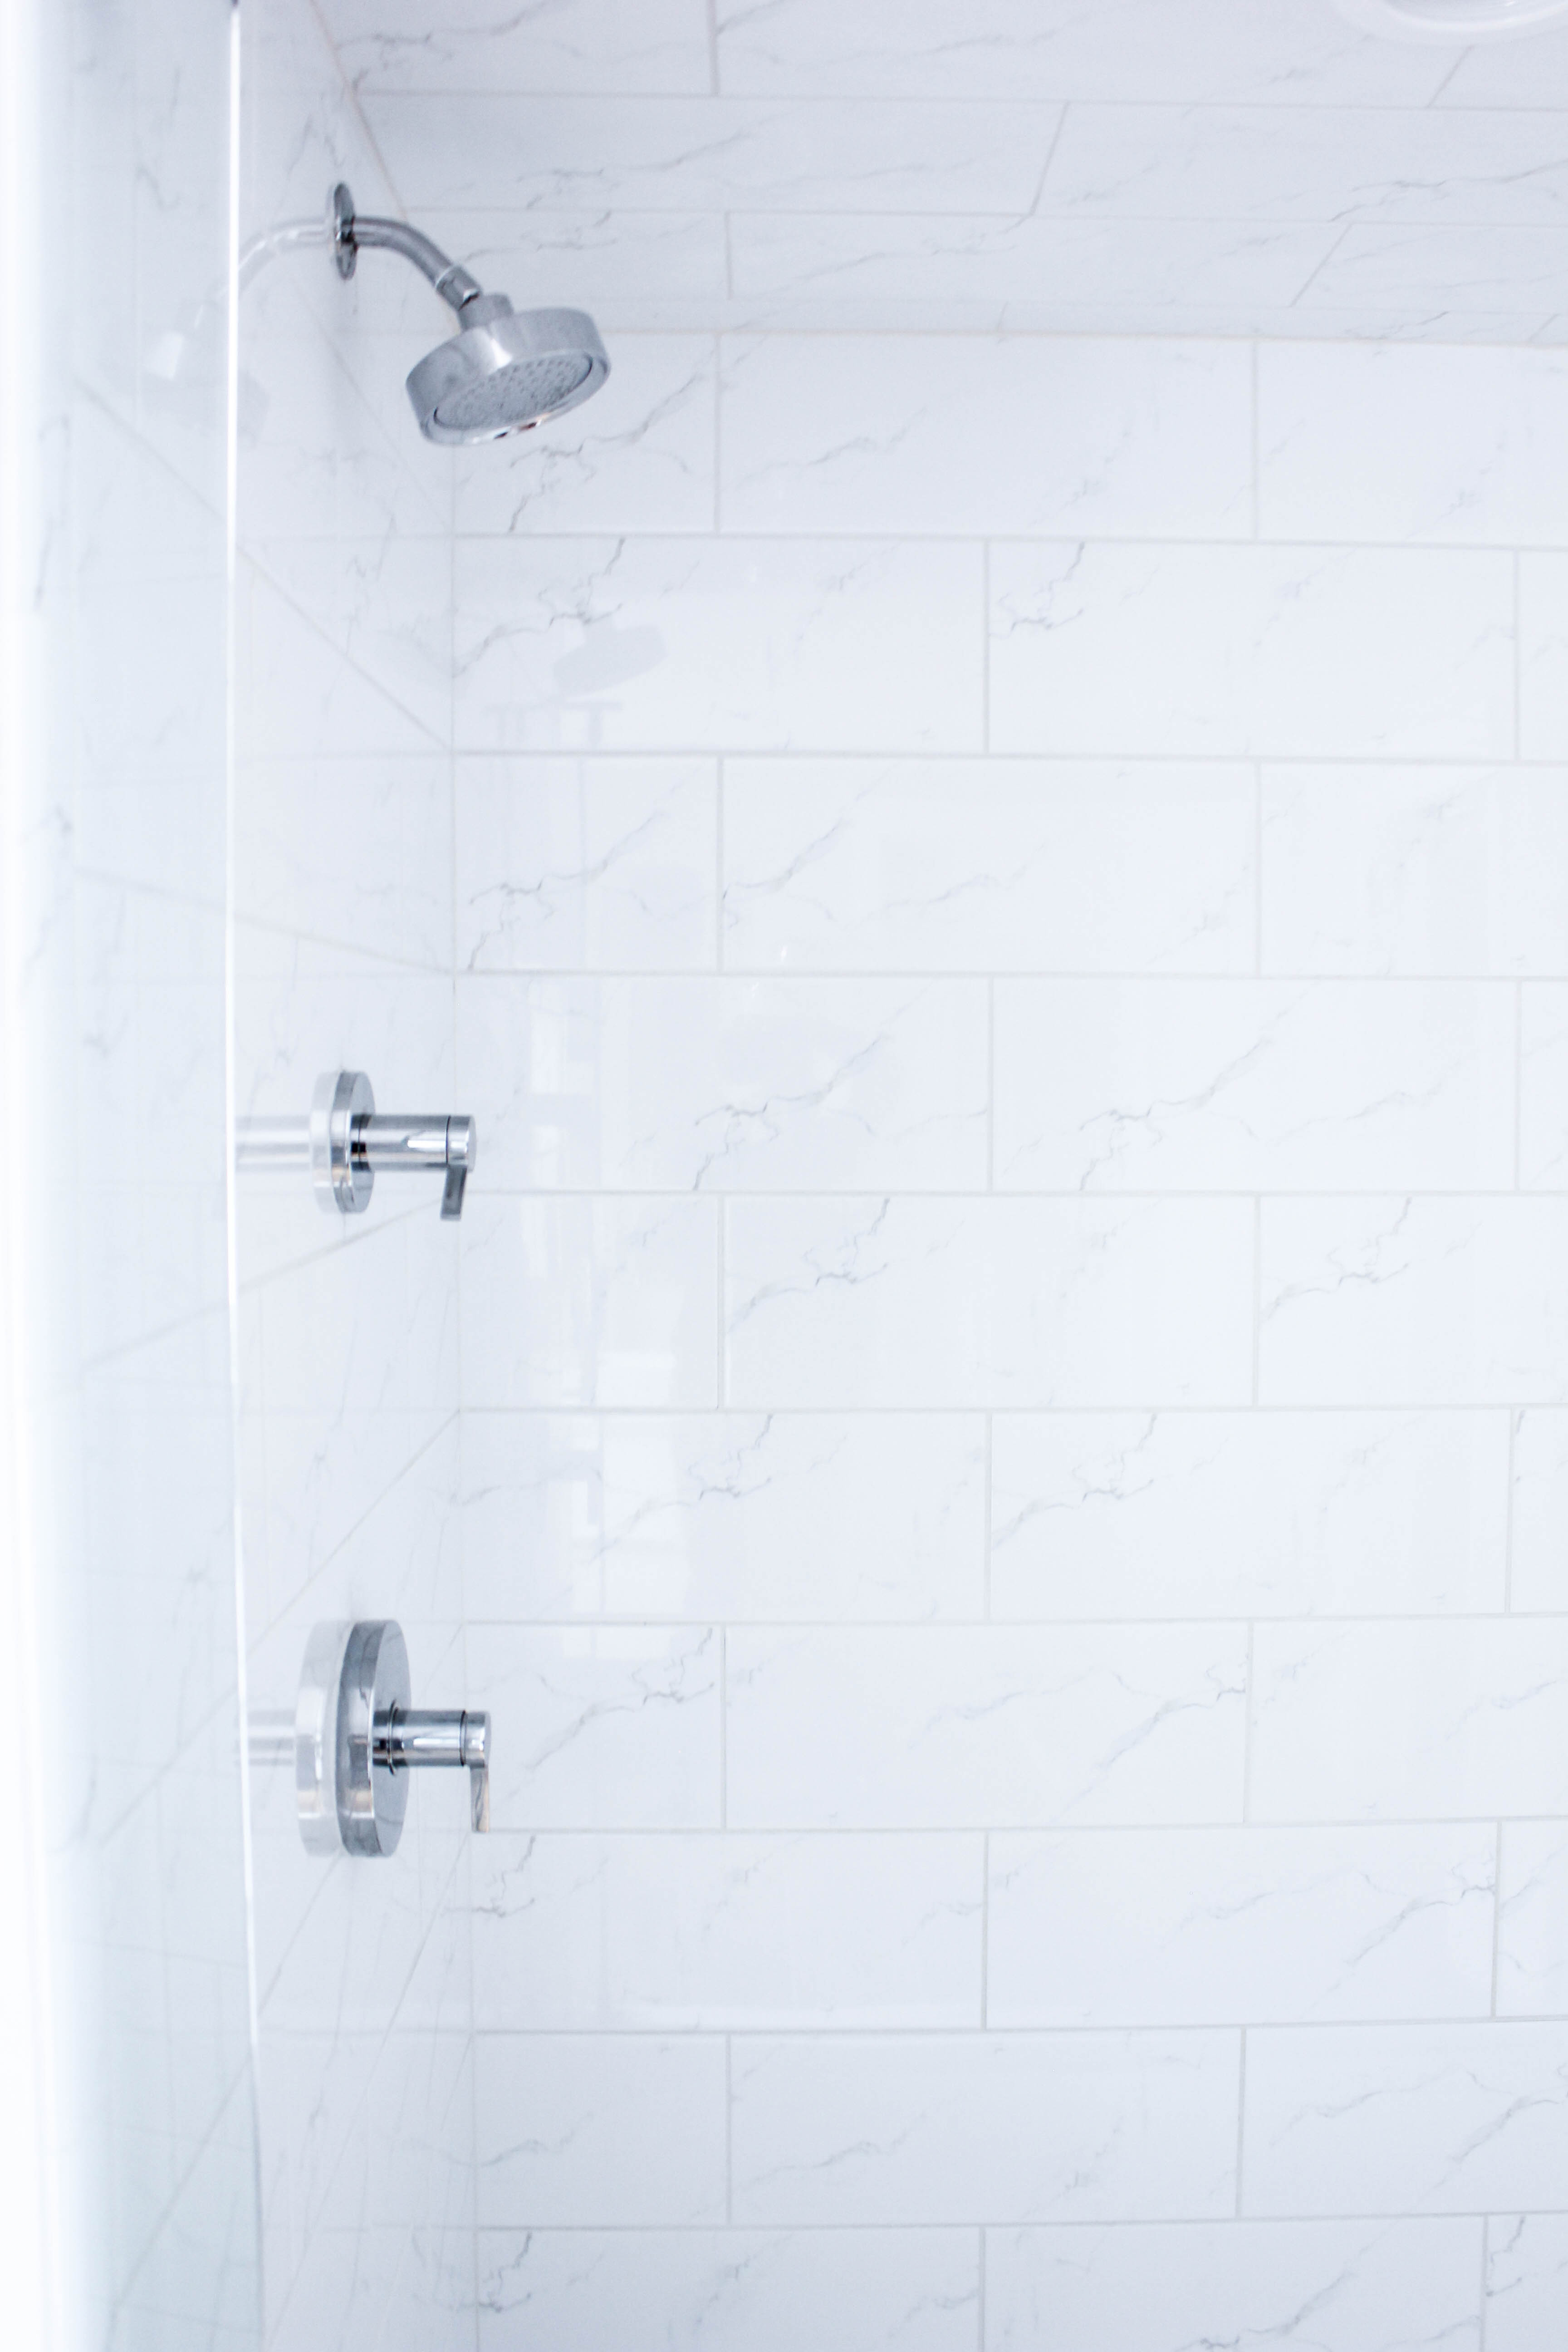 Basement Bathroom Remodel - Shower